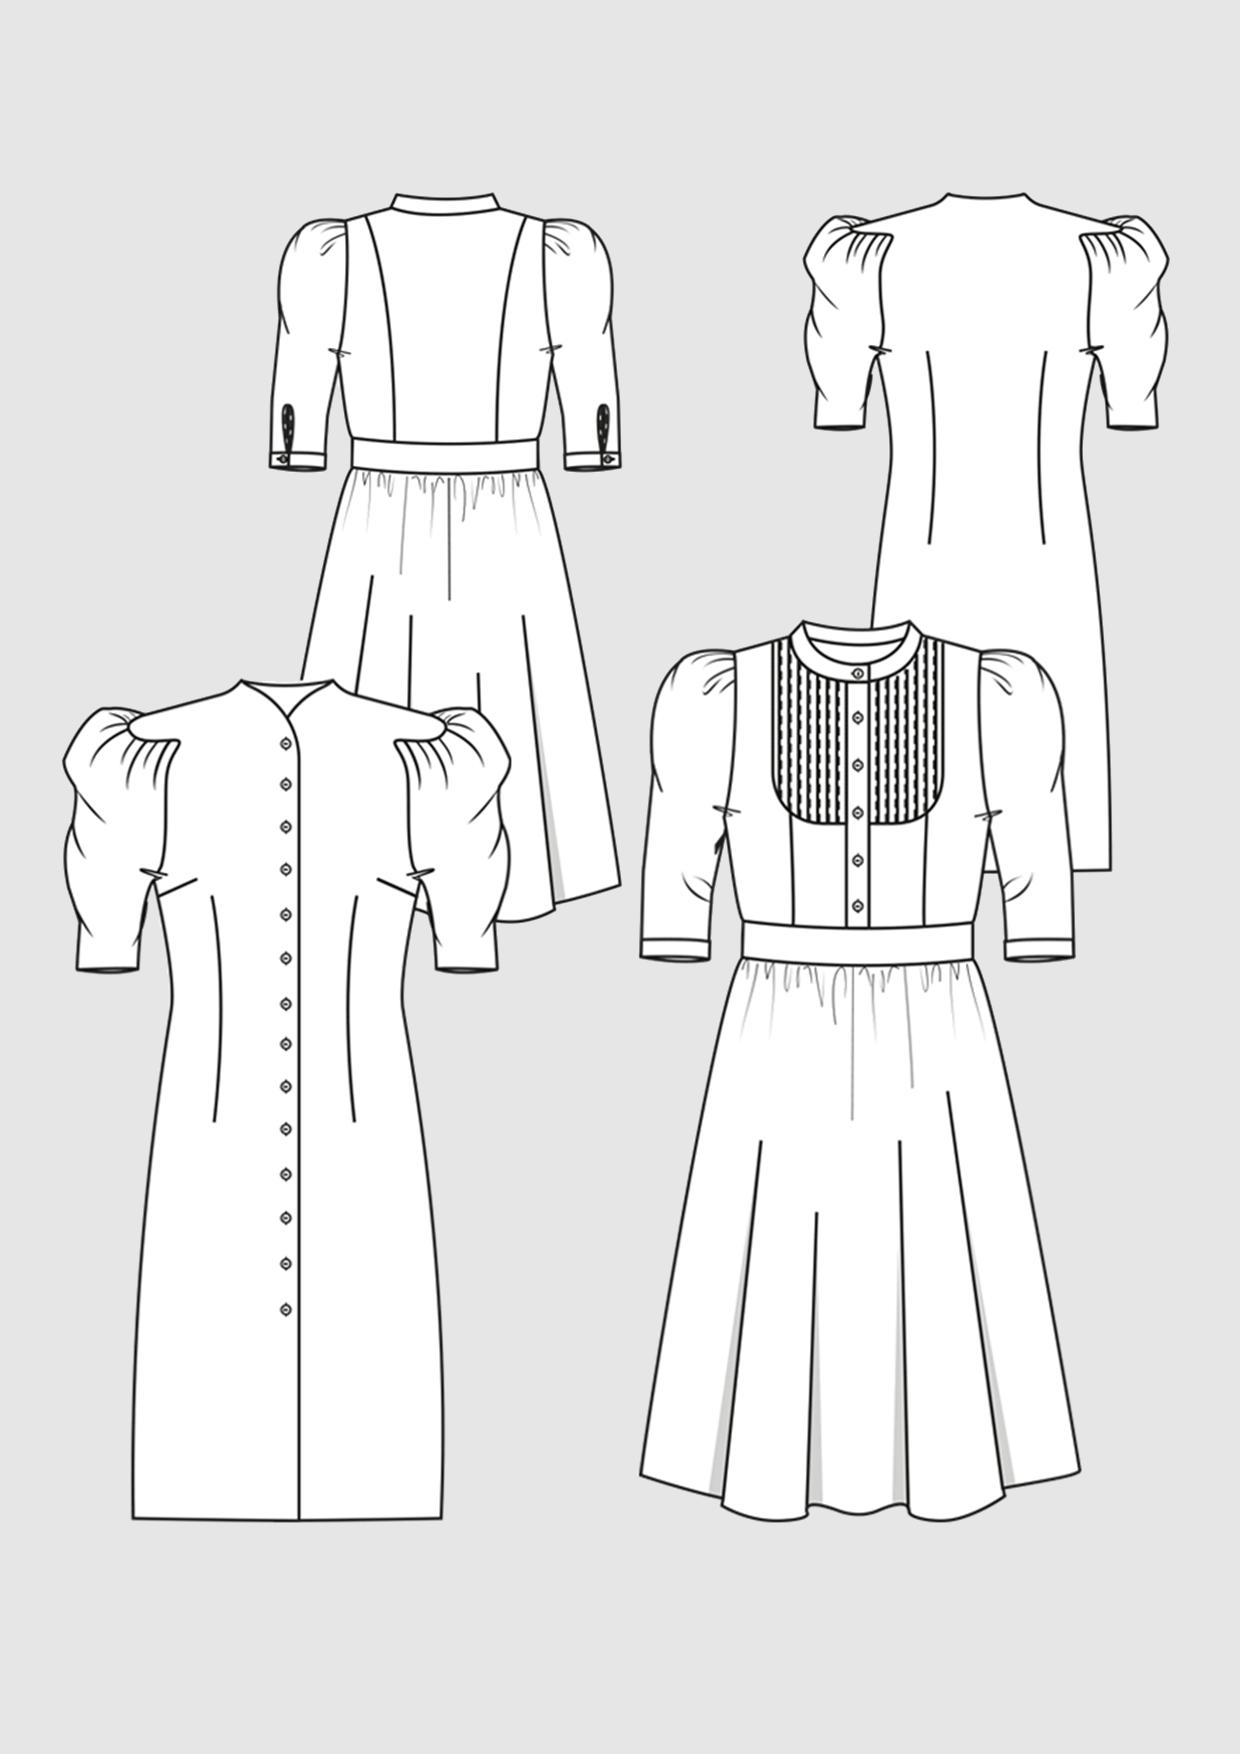 Produkt: Schnittmuster Kleider mit Puffärmel